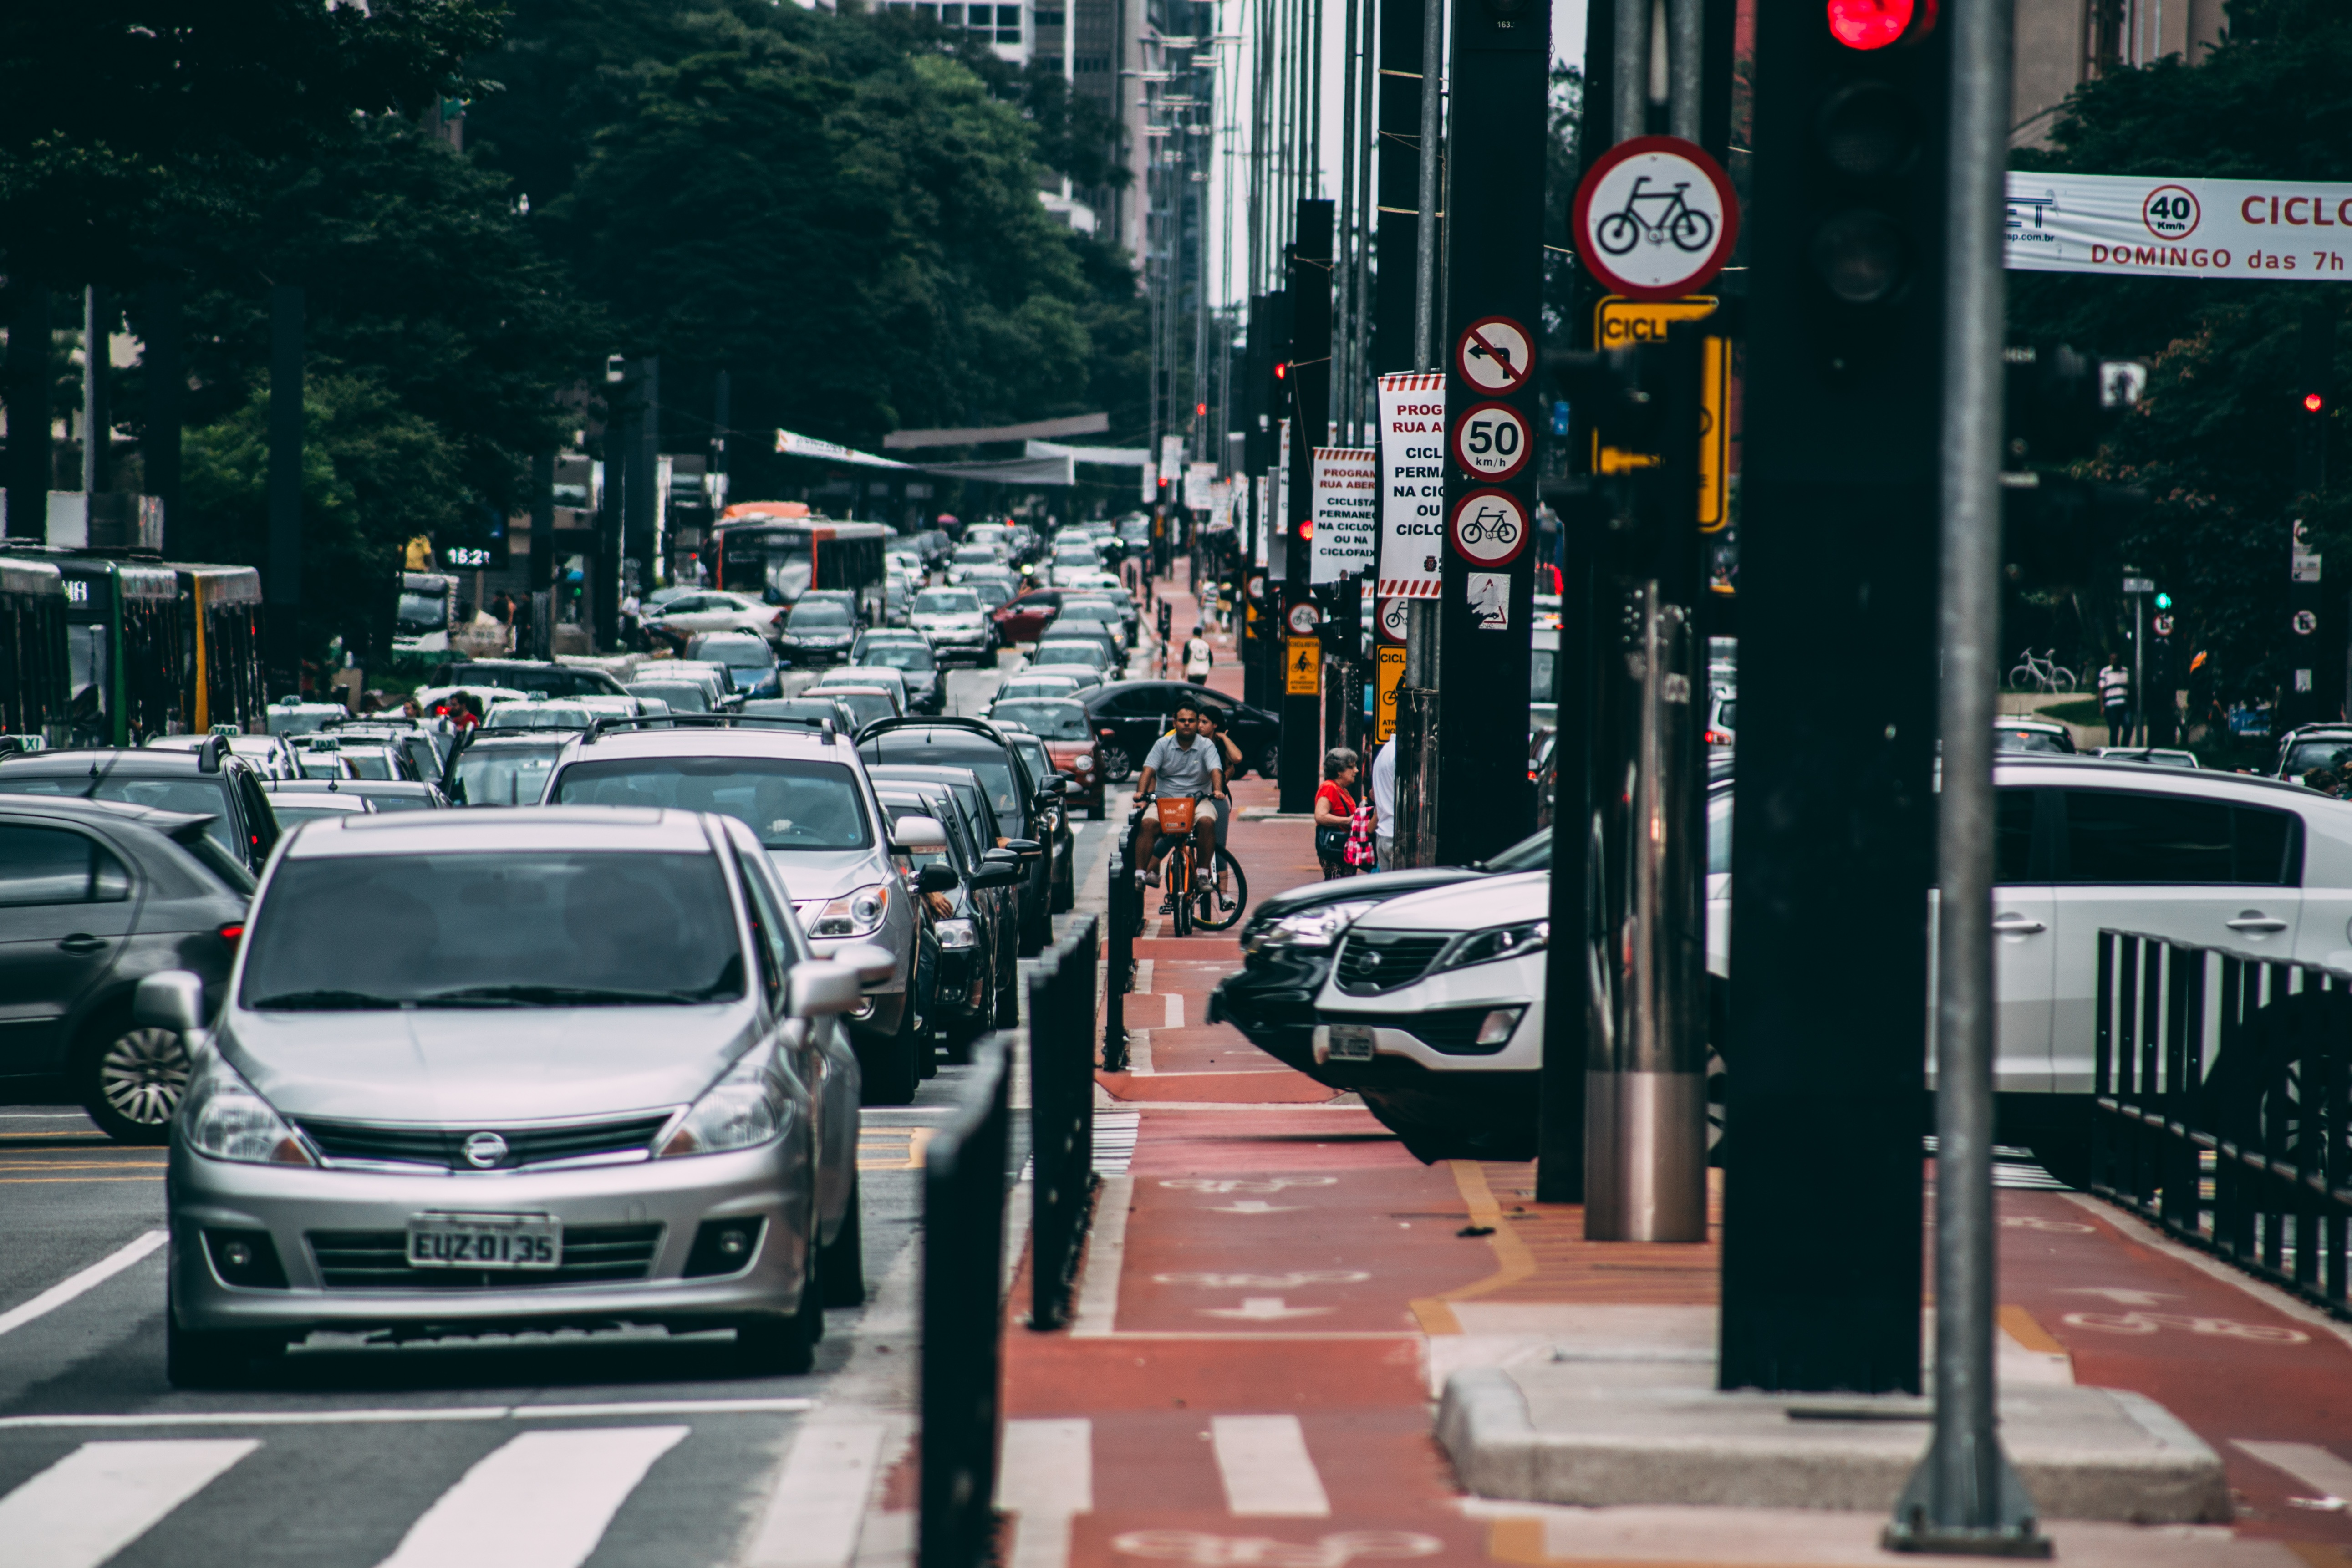 Itatiba - São Paulo